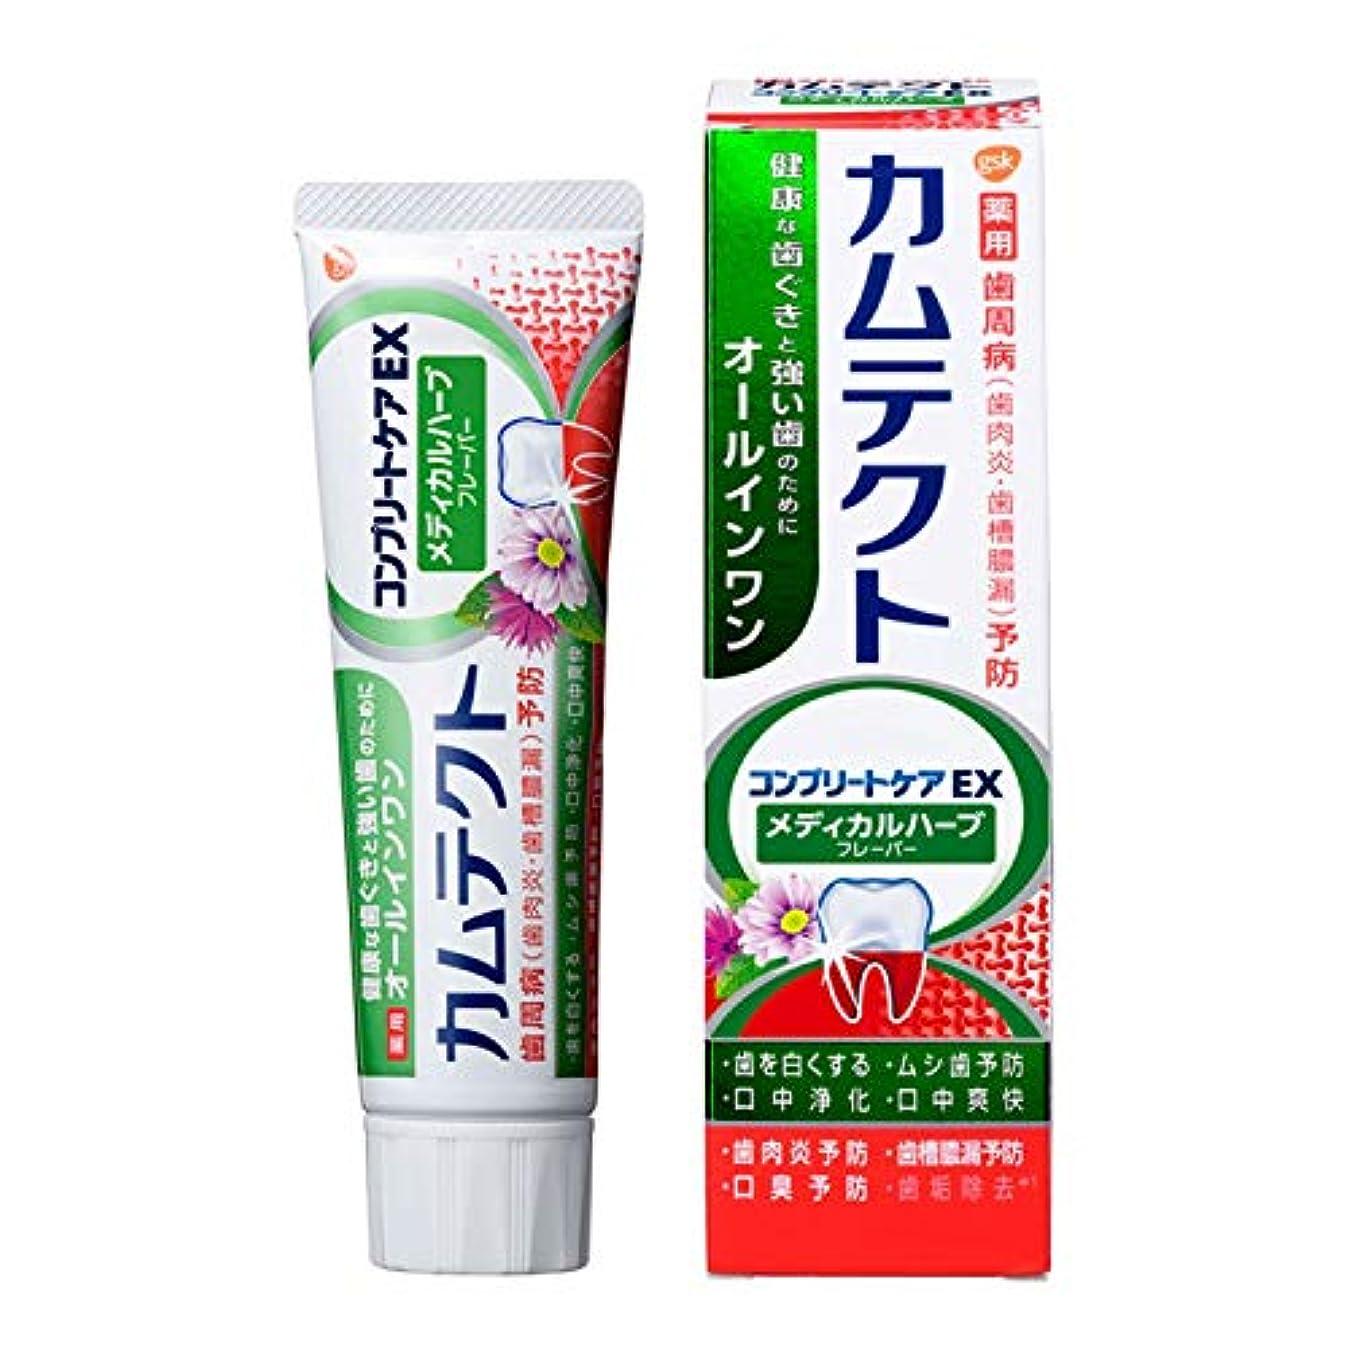 穿孔する無条件冒険[医薬部外品] カムテクト コンプリートケアEX メディカルハーブフレーバー 歯磨き粉 105g 1個